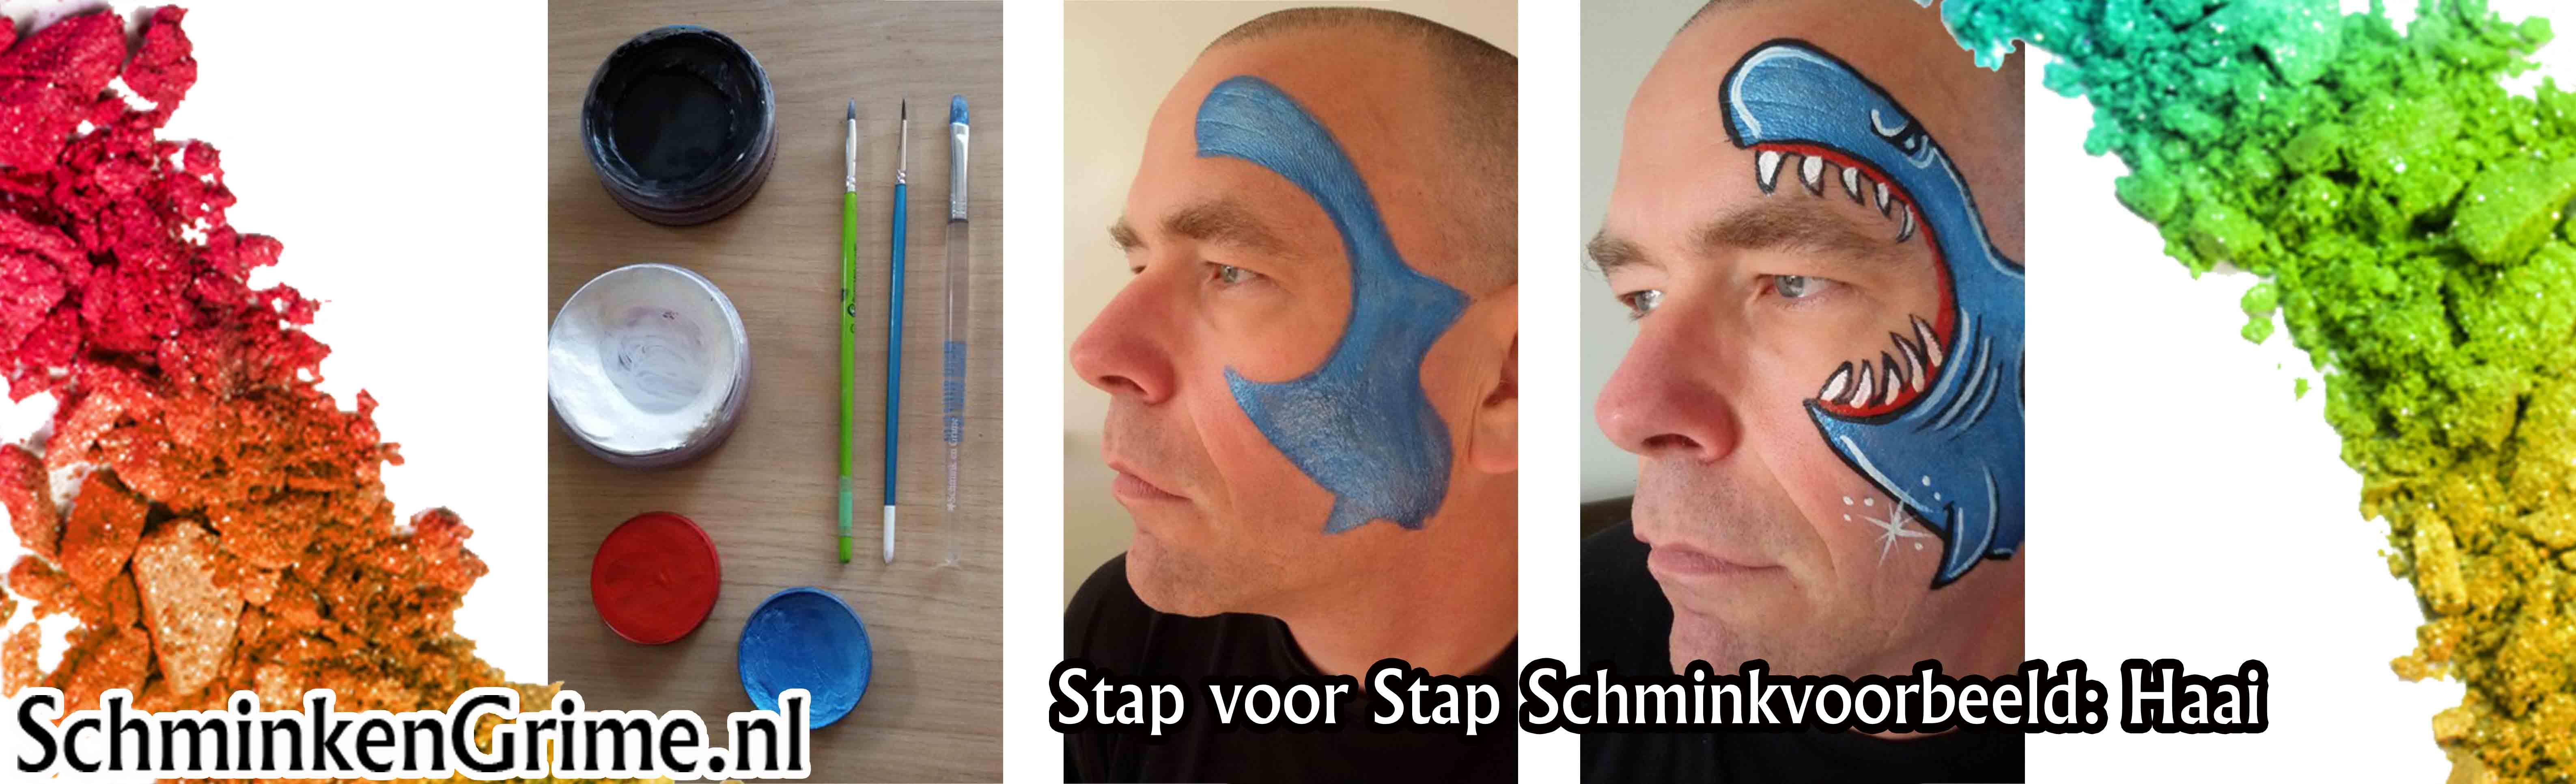 Uitzonderlijk SchminkenGrime.nl | Stap voor stap schminkvoorbeeld: Haai #BQ19